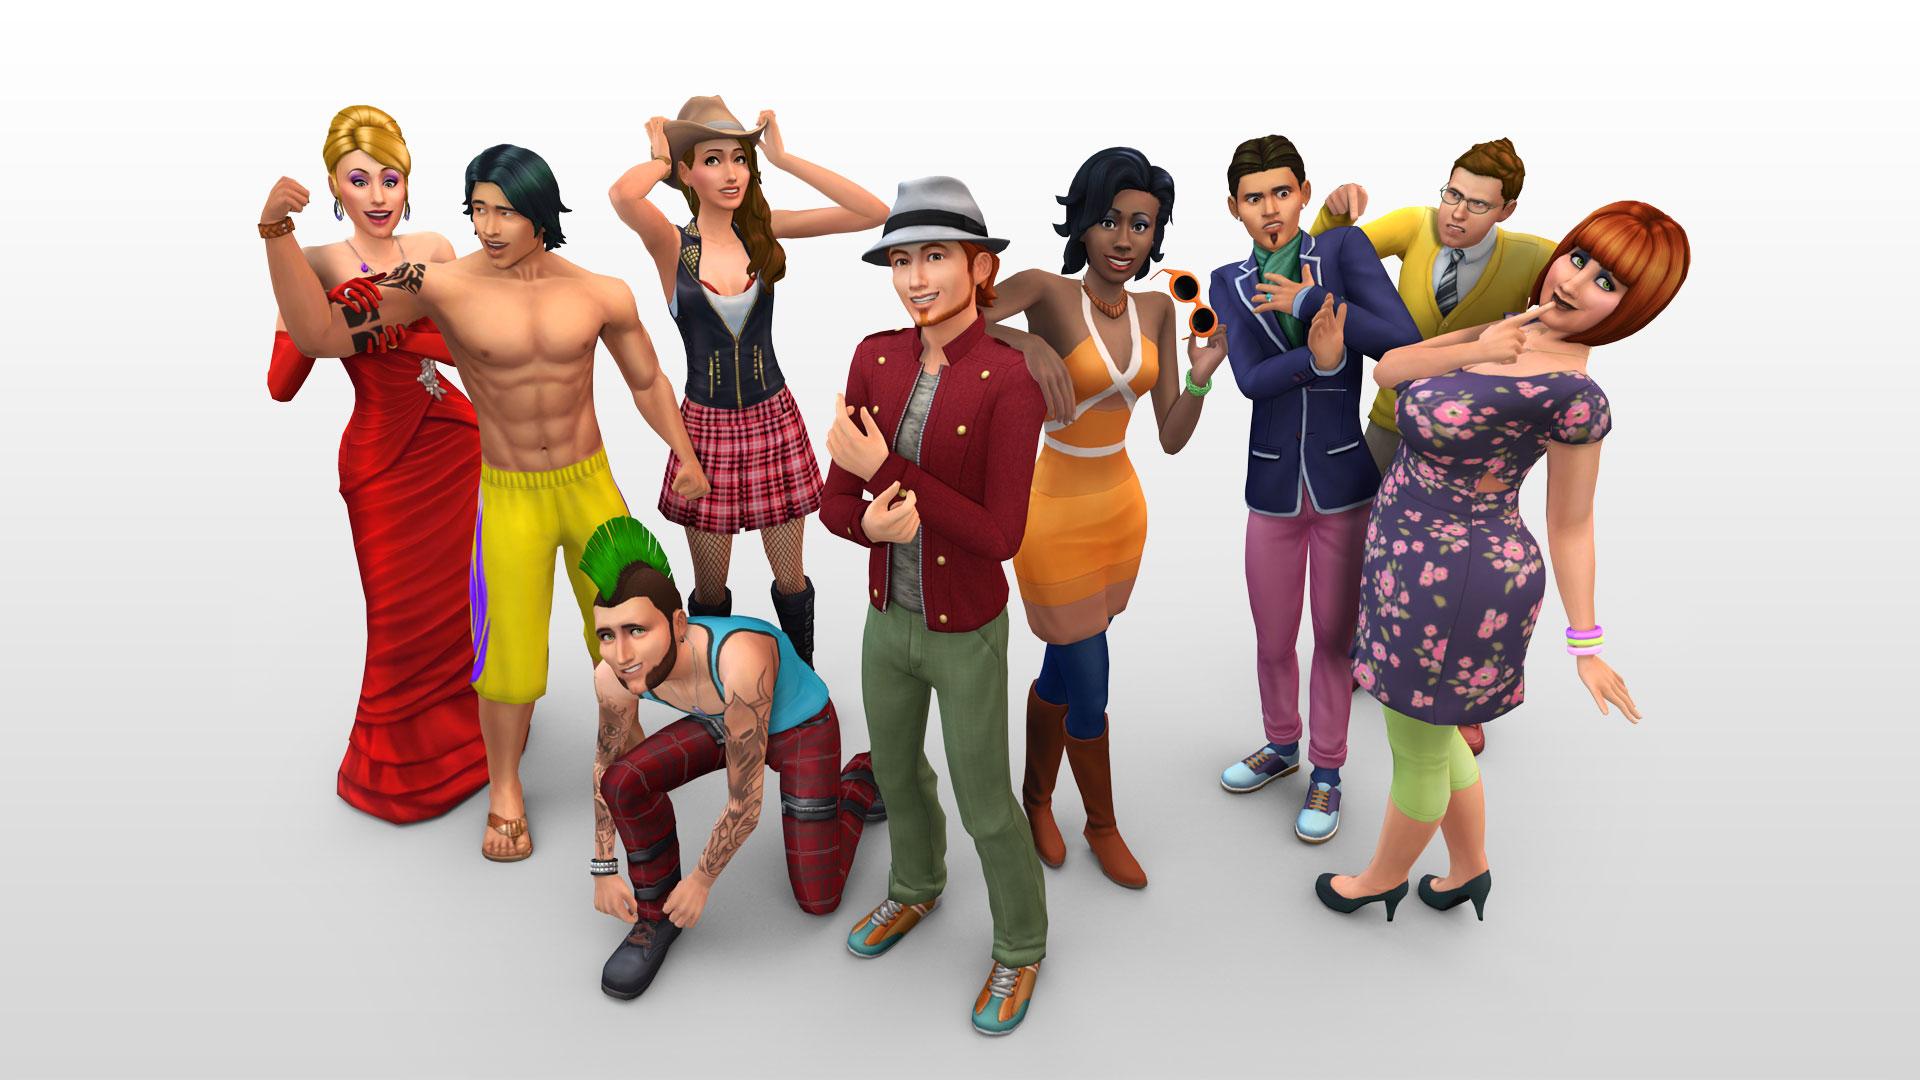 Sims sex demos erotic photos